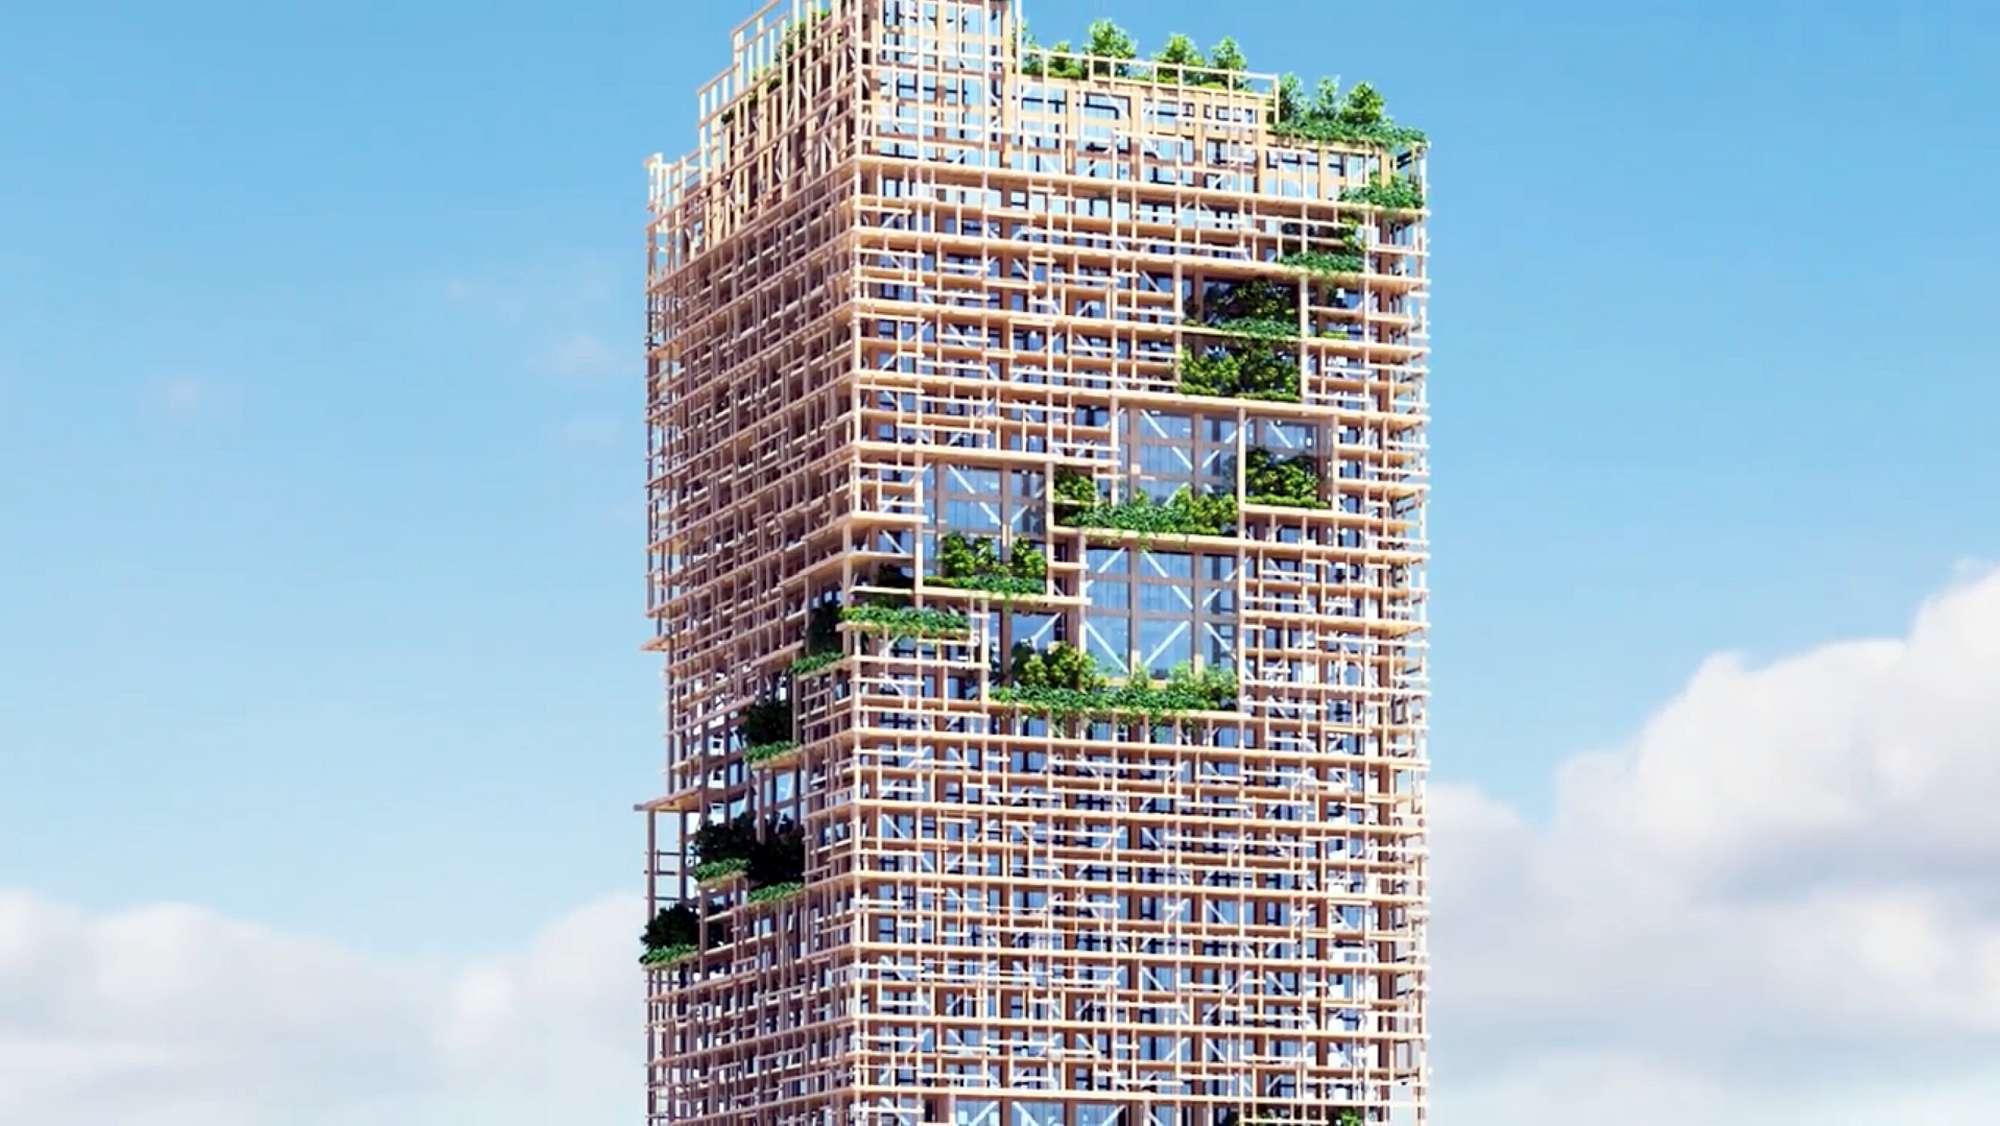 A tokyo il grattacielo green pi alto del mondo in for Il grattacielo piu alto del mondo